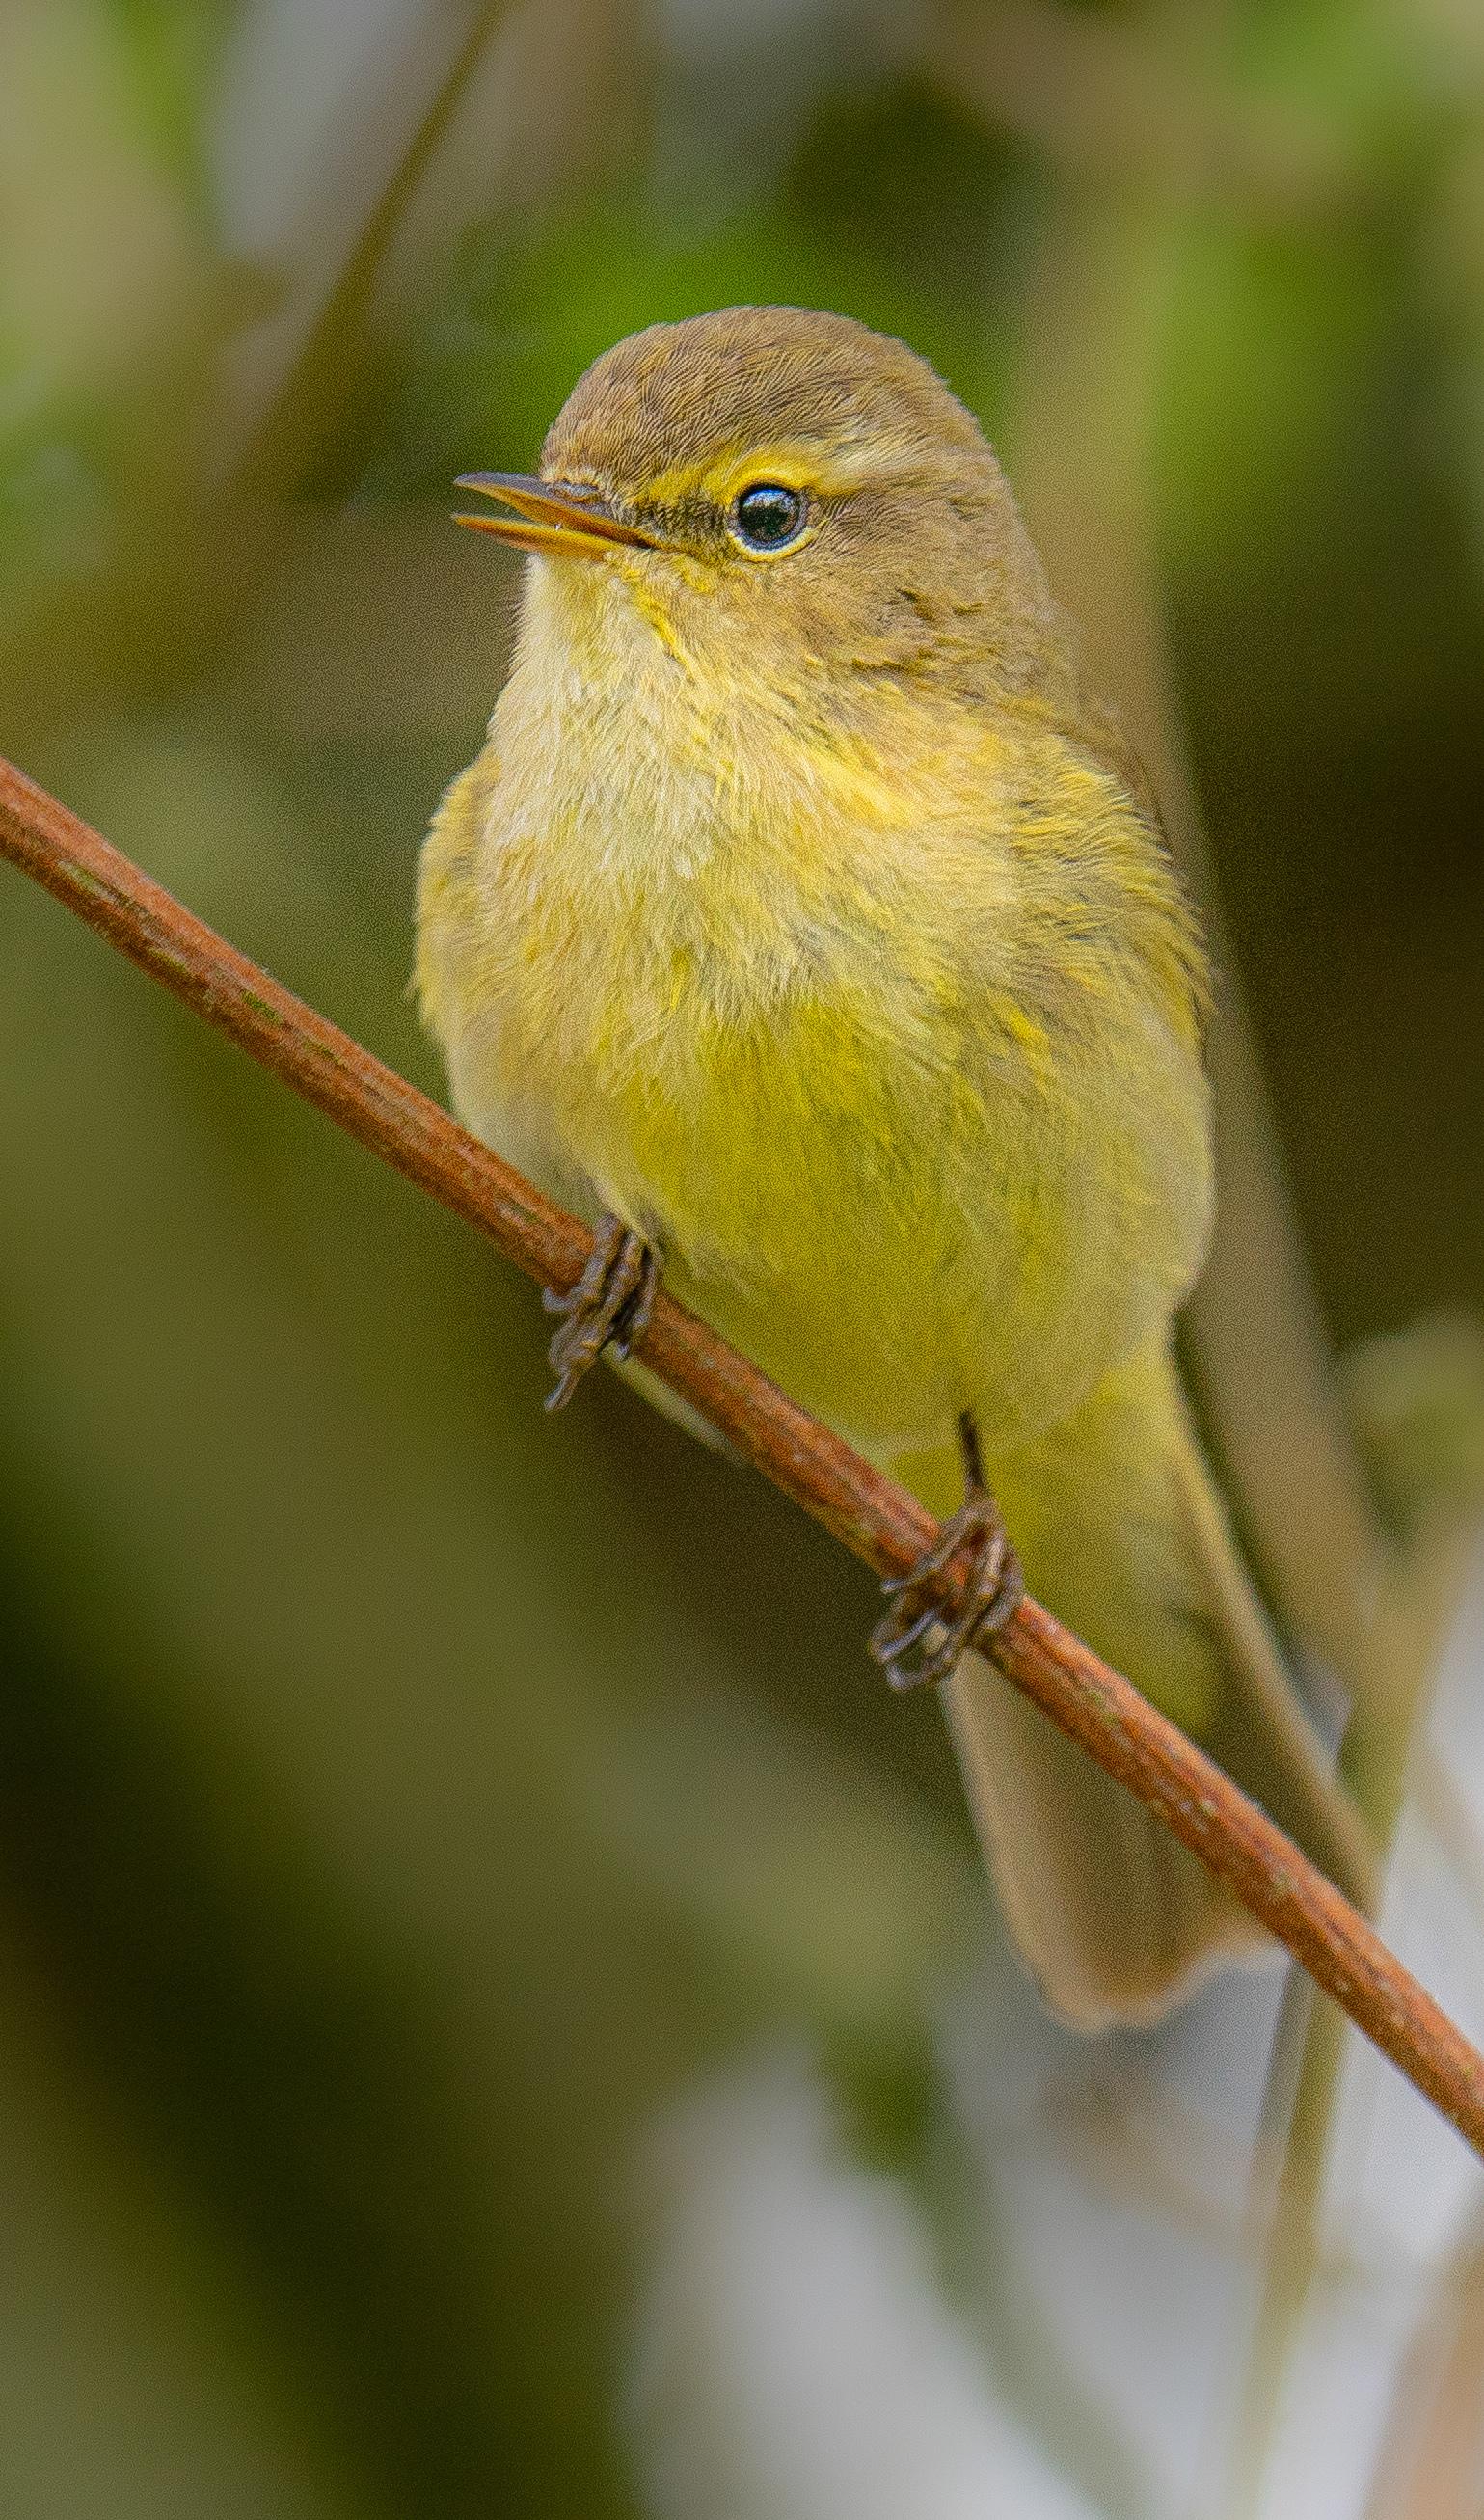 Tjiftjaf  - Prachtig was het om deze kleine en zingende tjiftjaf te zien en mogen vastleggen. Wat een bijzonder mooi vogeltje!  - foto door Alex-Maas1 op 07-04-2021 - locatie: 5702 Helmond, Nederland - deze foto bevat: vogel, vogels, natuur, portret, bokeh, tak, zingen, blad, nederland, brabant, geel, bruin, snavel, vogel, fabriek, bek, takje, veer, zangvogel, hout, detailopname, staart, neerstekende vogel